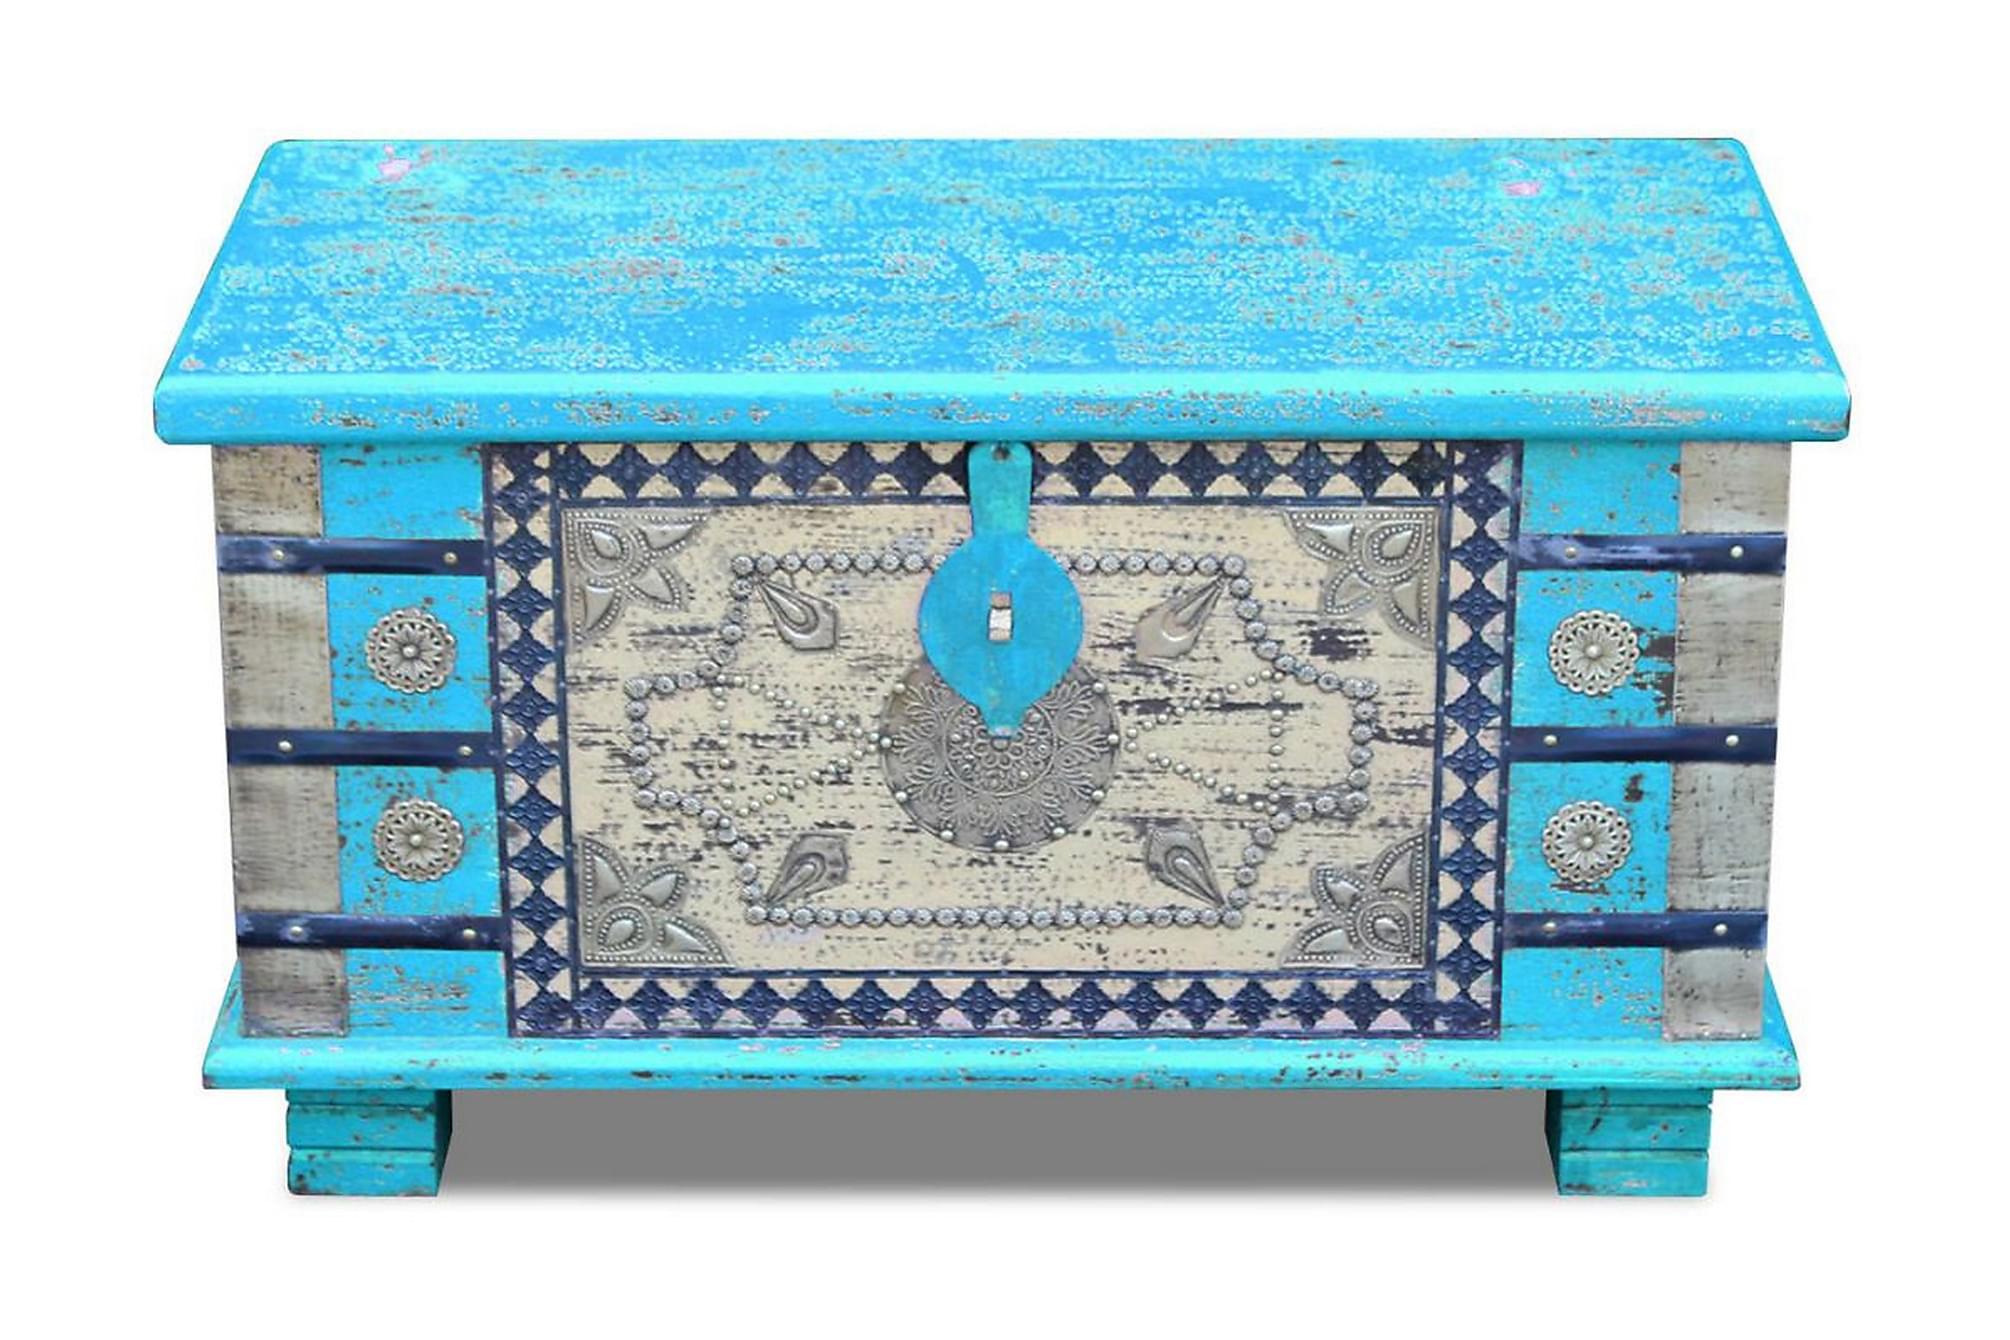 Förvaringskista mangoträ blå 80x40x45 cm, Förvaringskistor & sängkistor